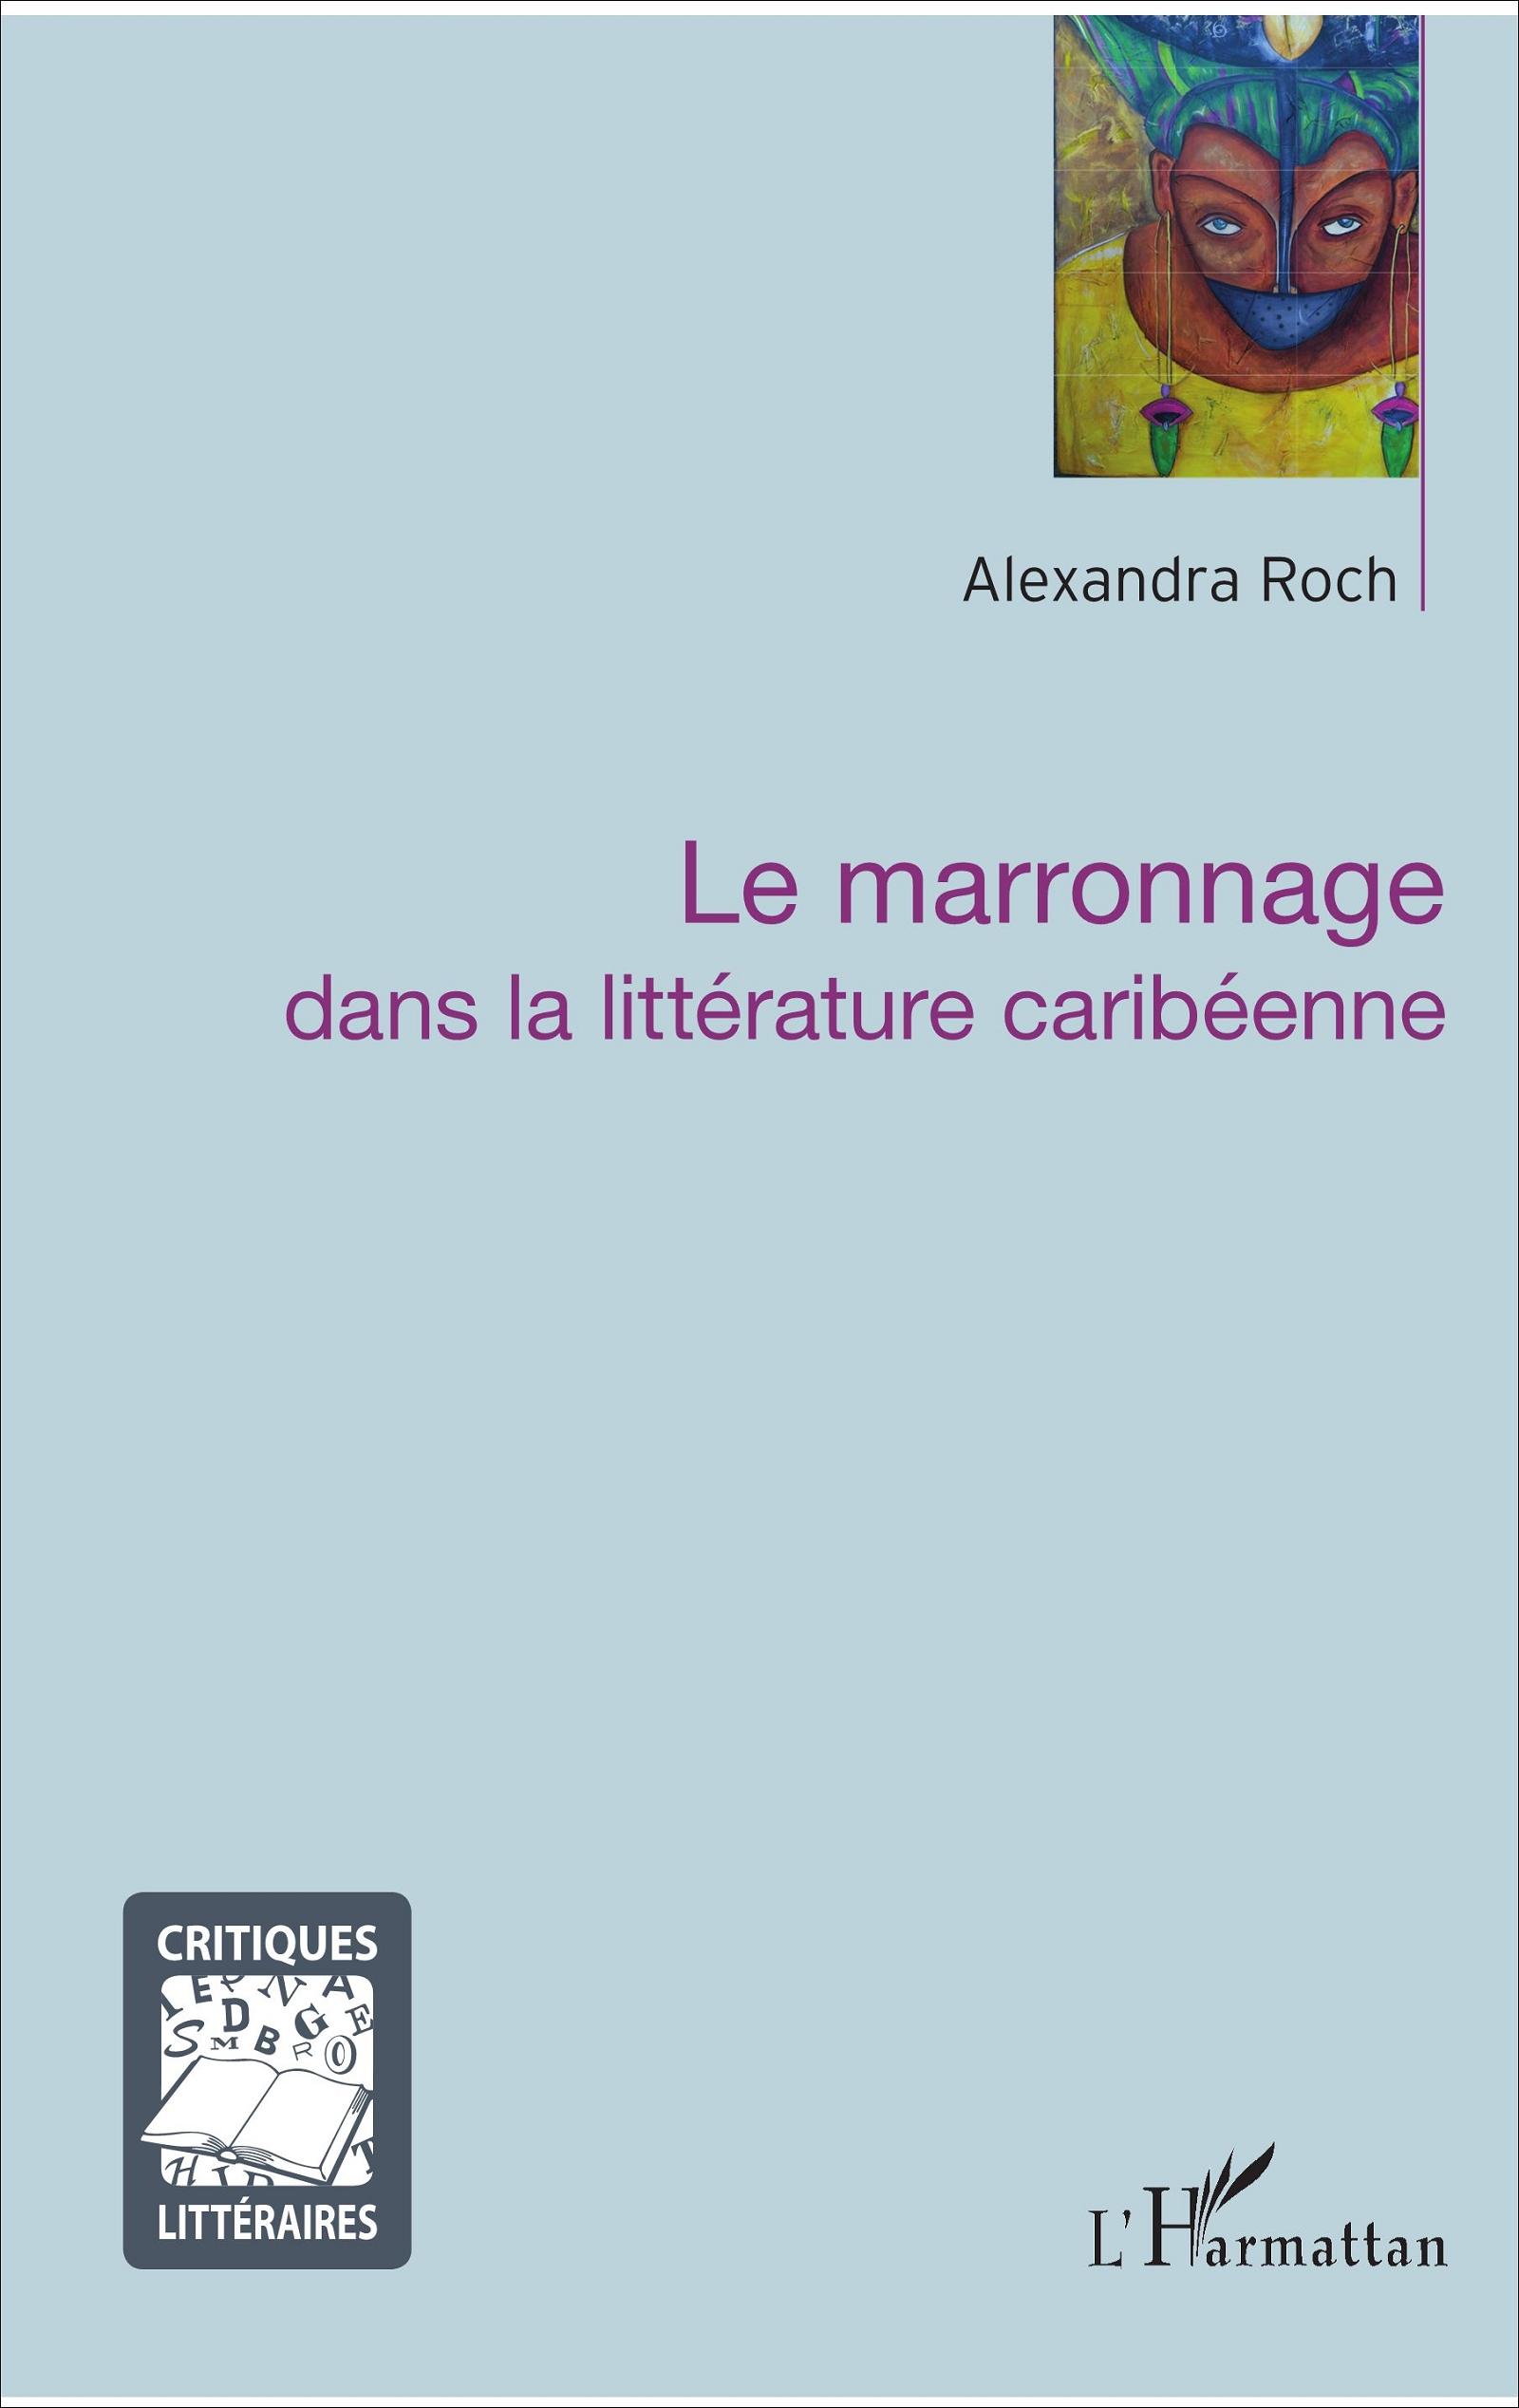 A. Roch, Le Marronnage dans la littérature caribéenne